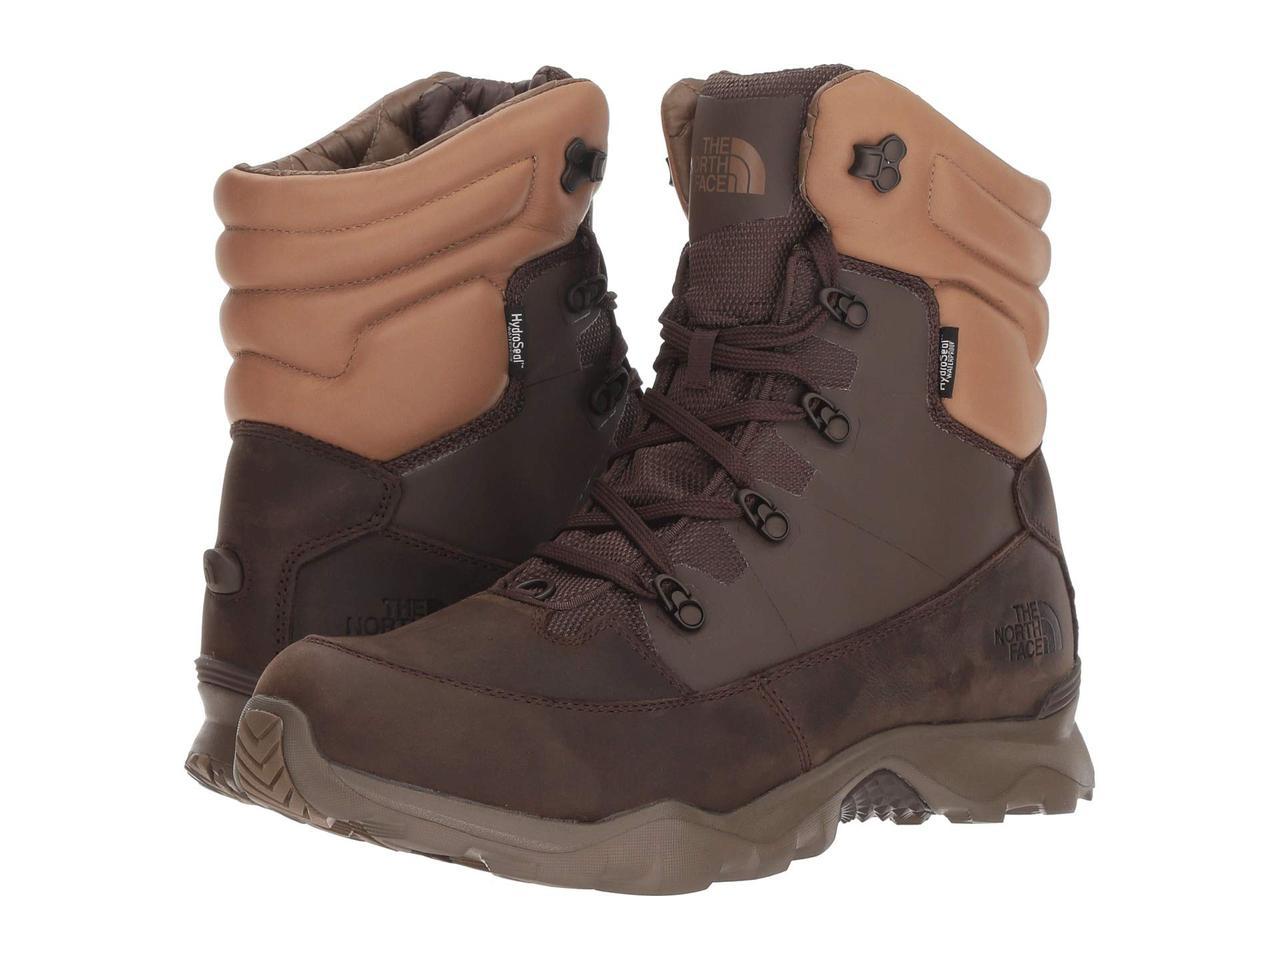 Ботинки/Сапоги (Оригинал) The North Face ThermoBall™ Lifty Chocolate Brown/Cargo Khaki